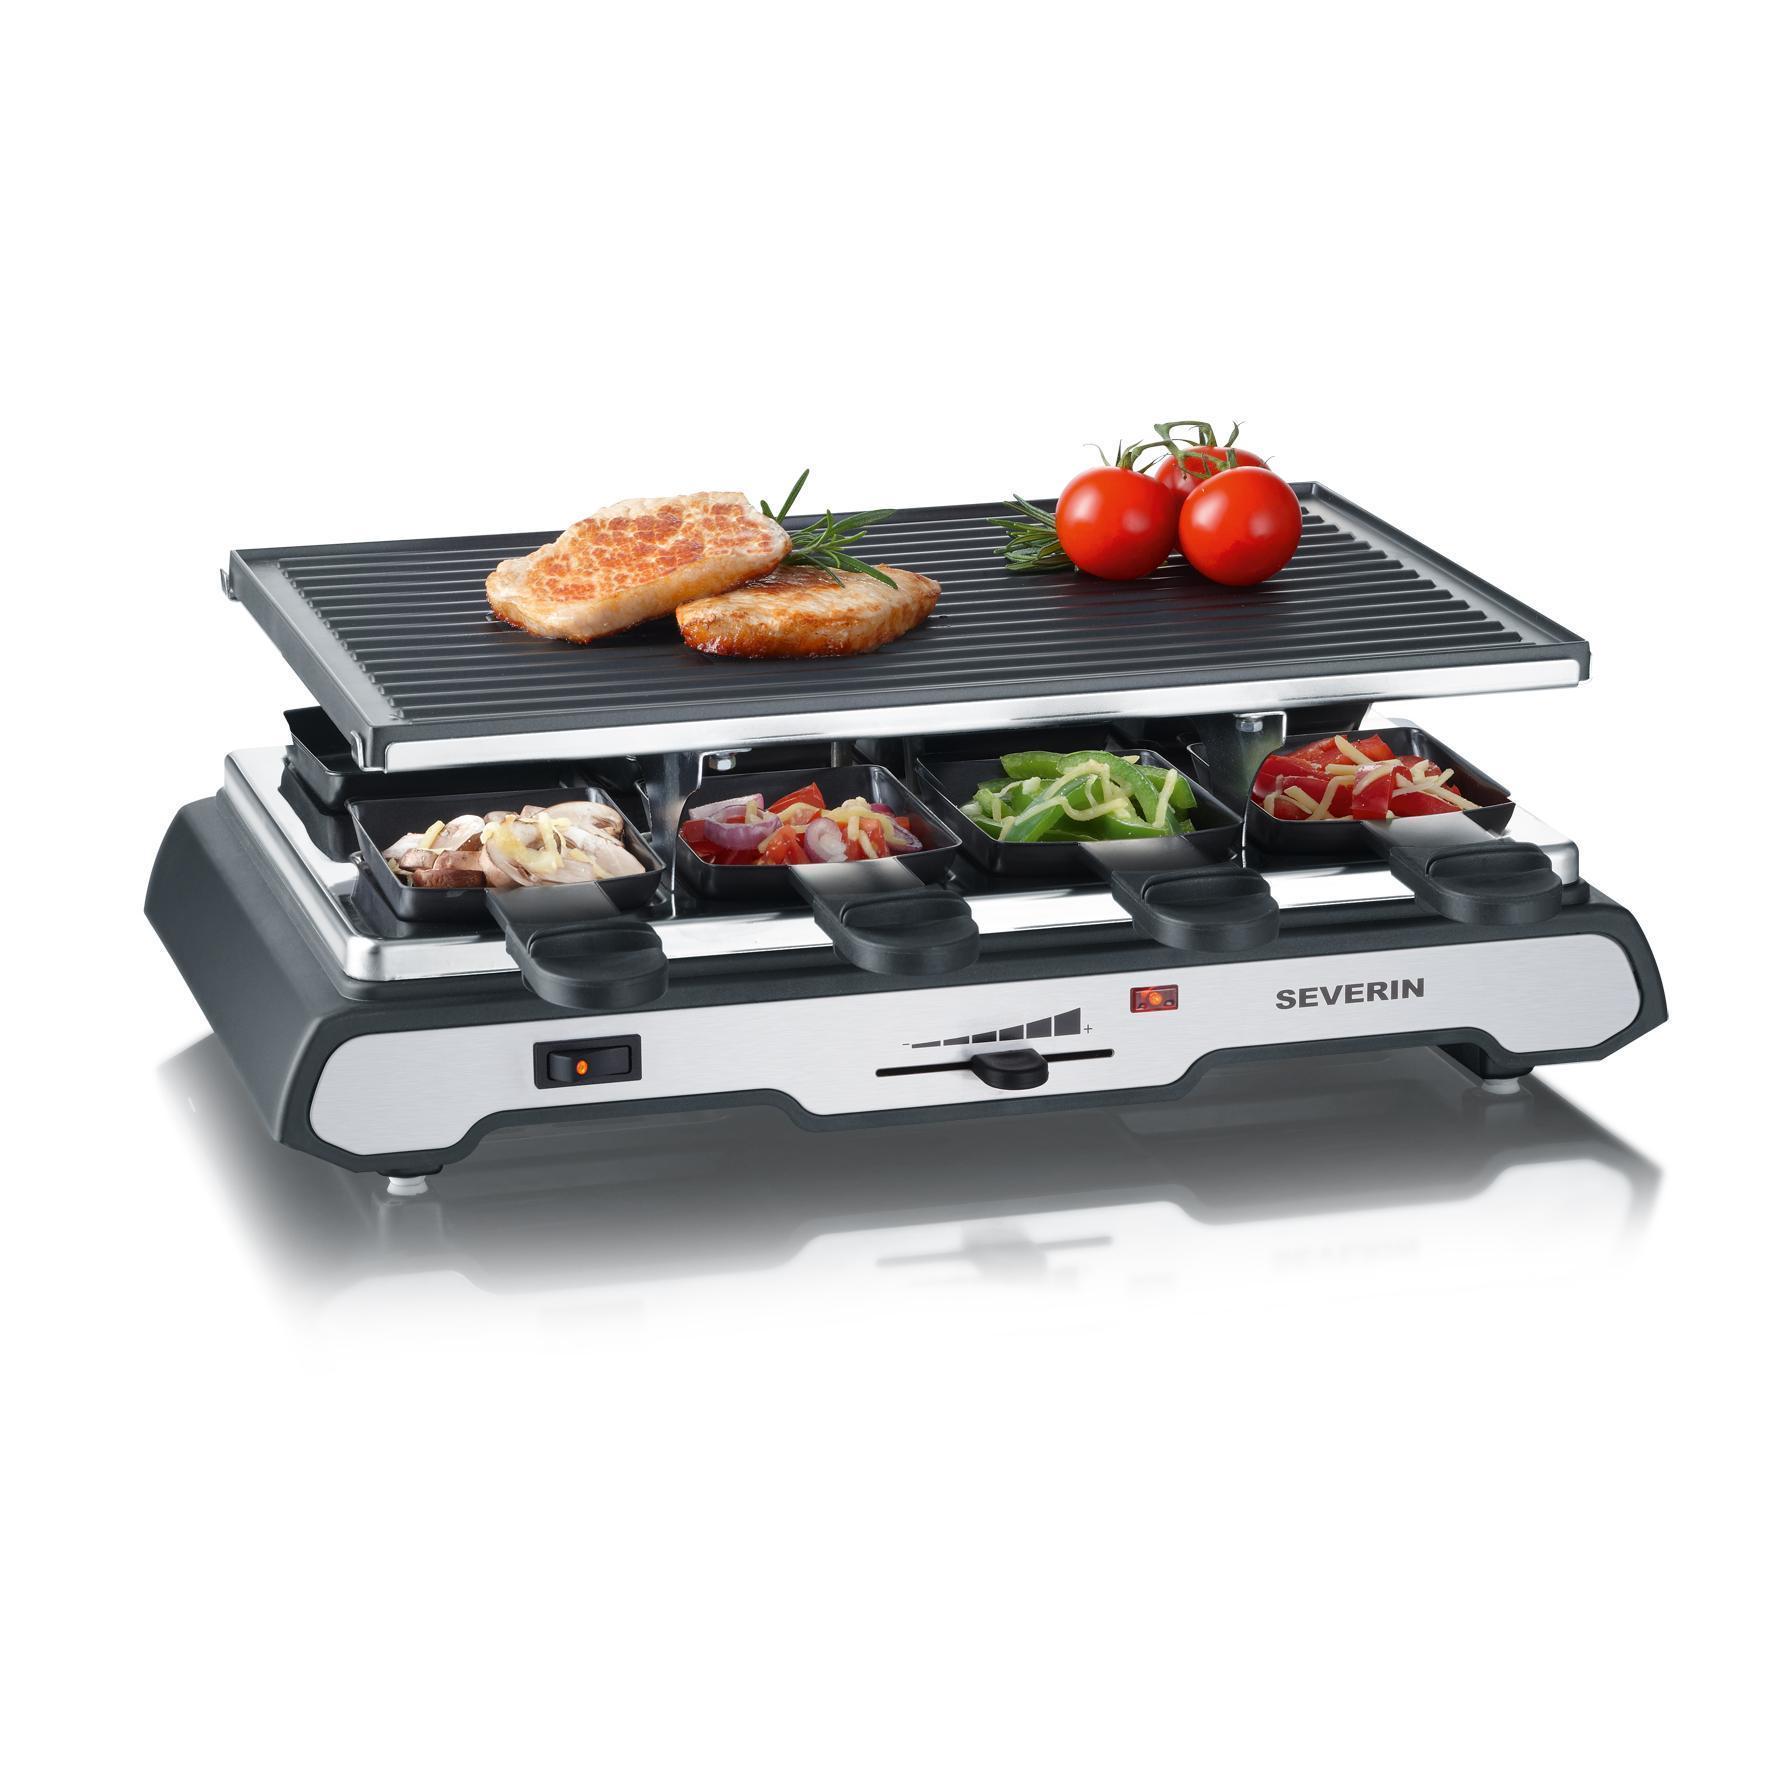 Severin - RG2685 - Appareil à raclette + grill 1300W